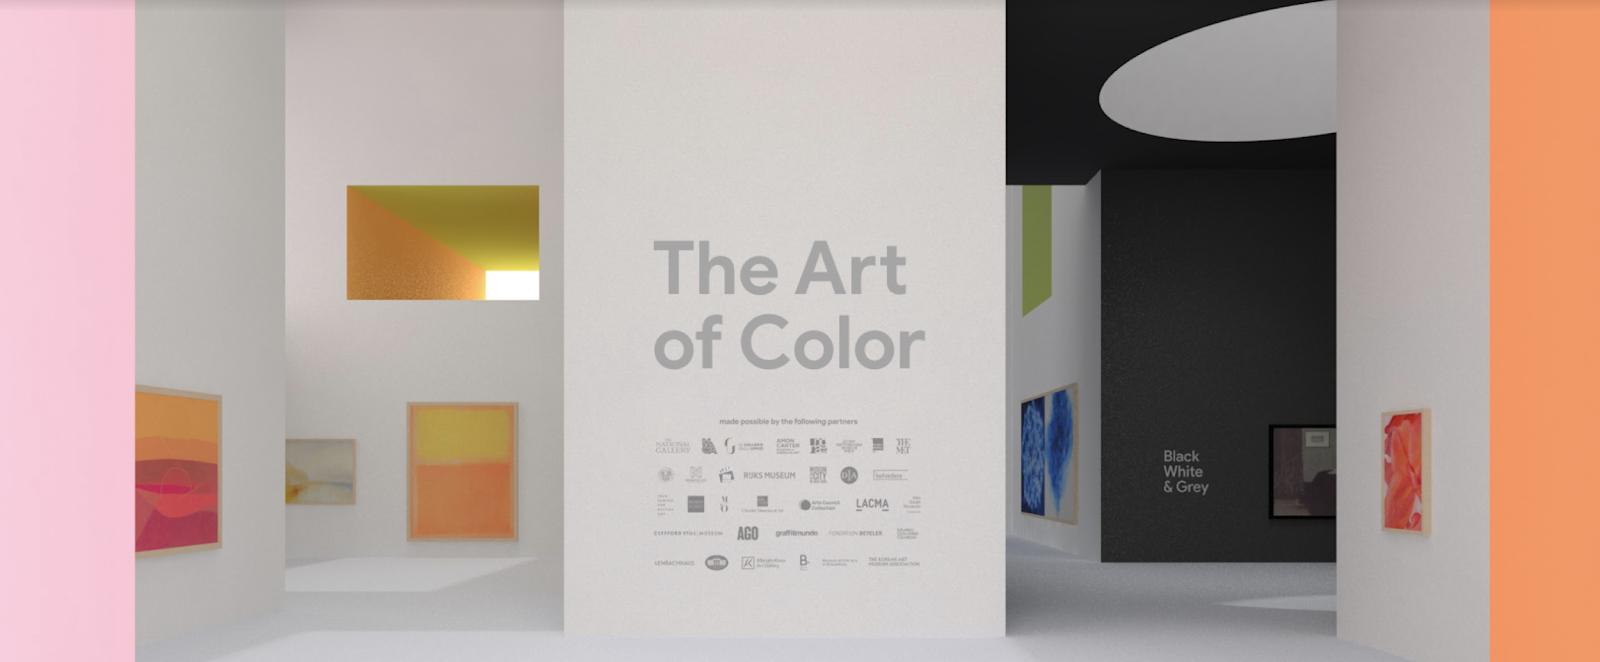 Explore arte e cor na mais recente galeria em Realidade Aumentada do Google Arts & Culture